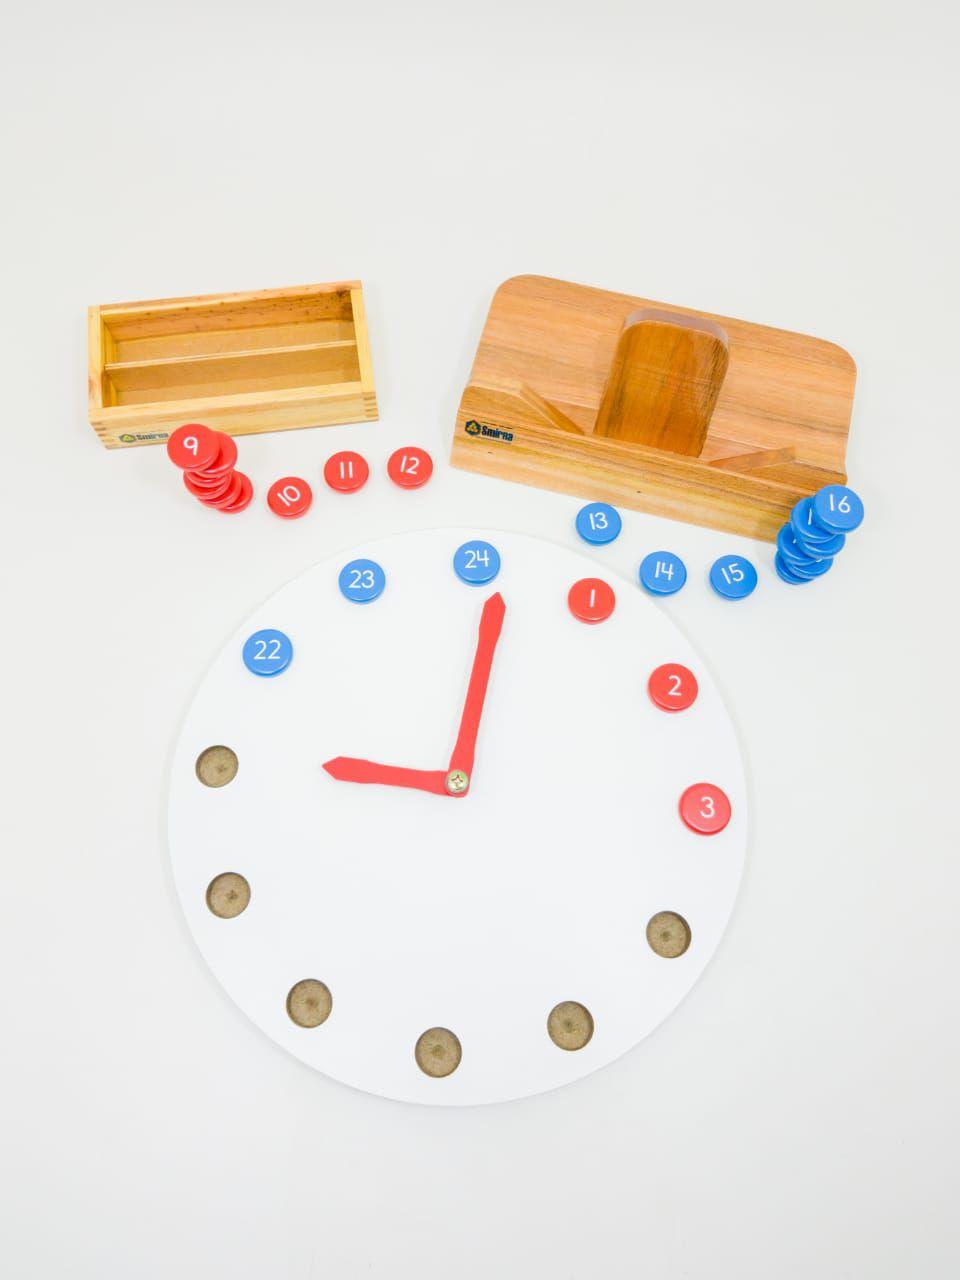 Relógio Montessori de Figuras Móveis